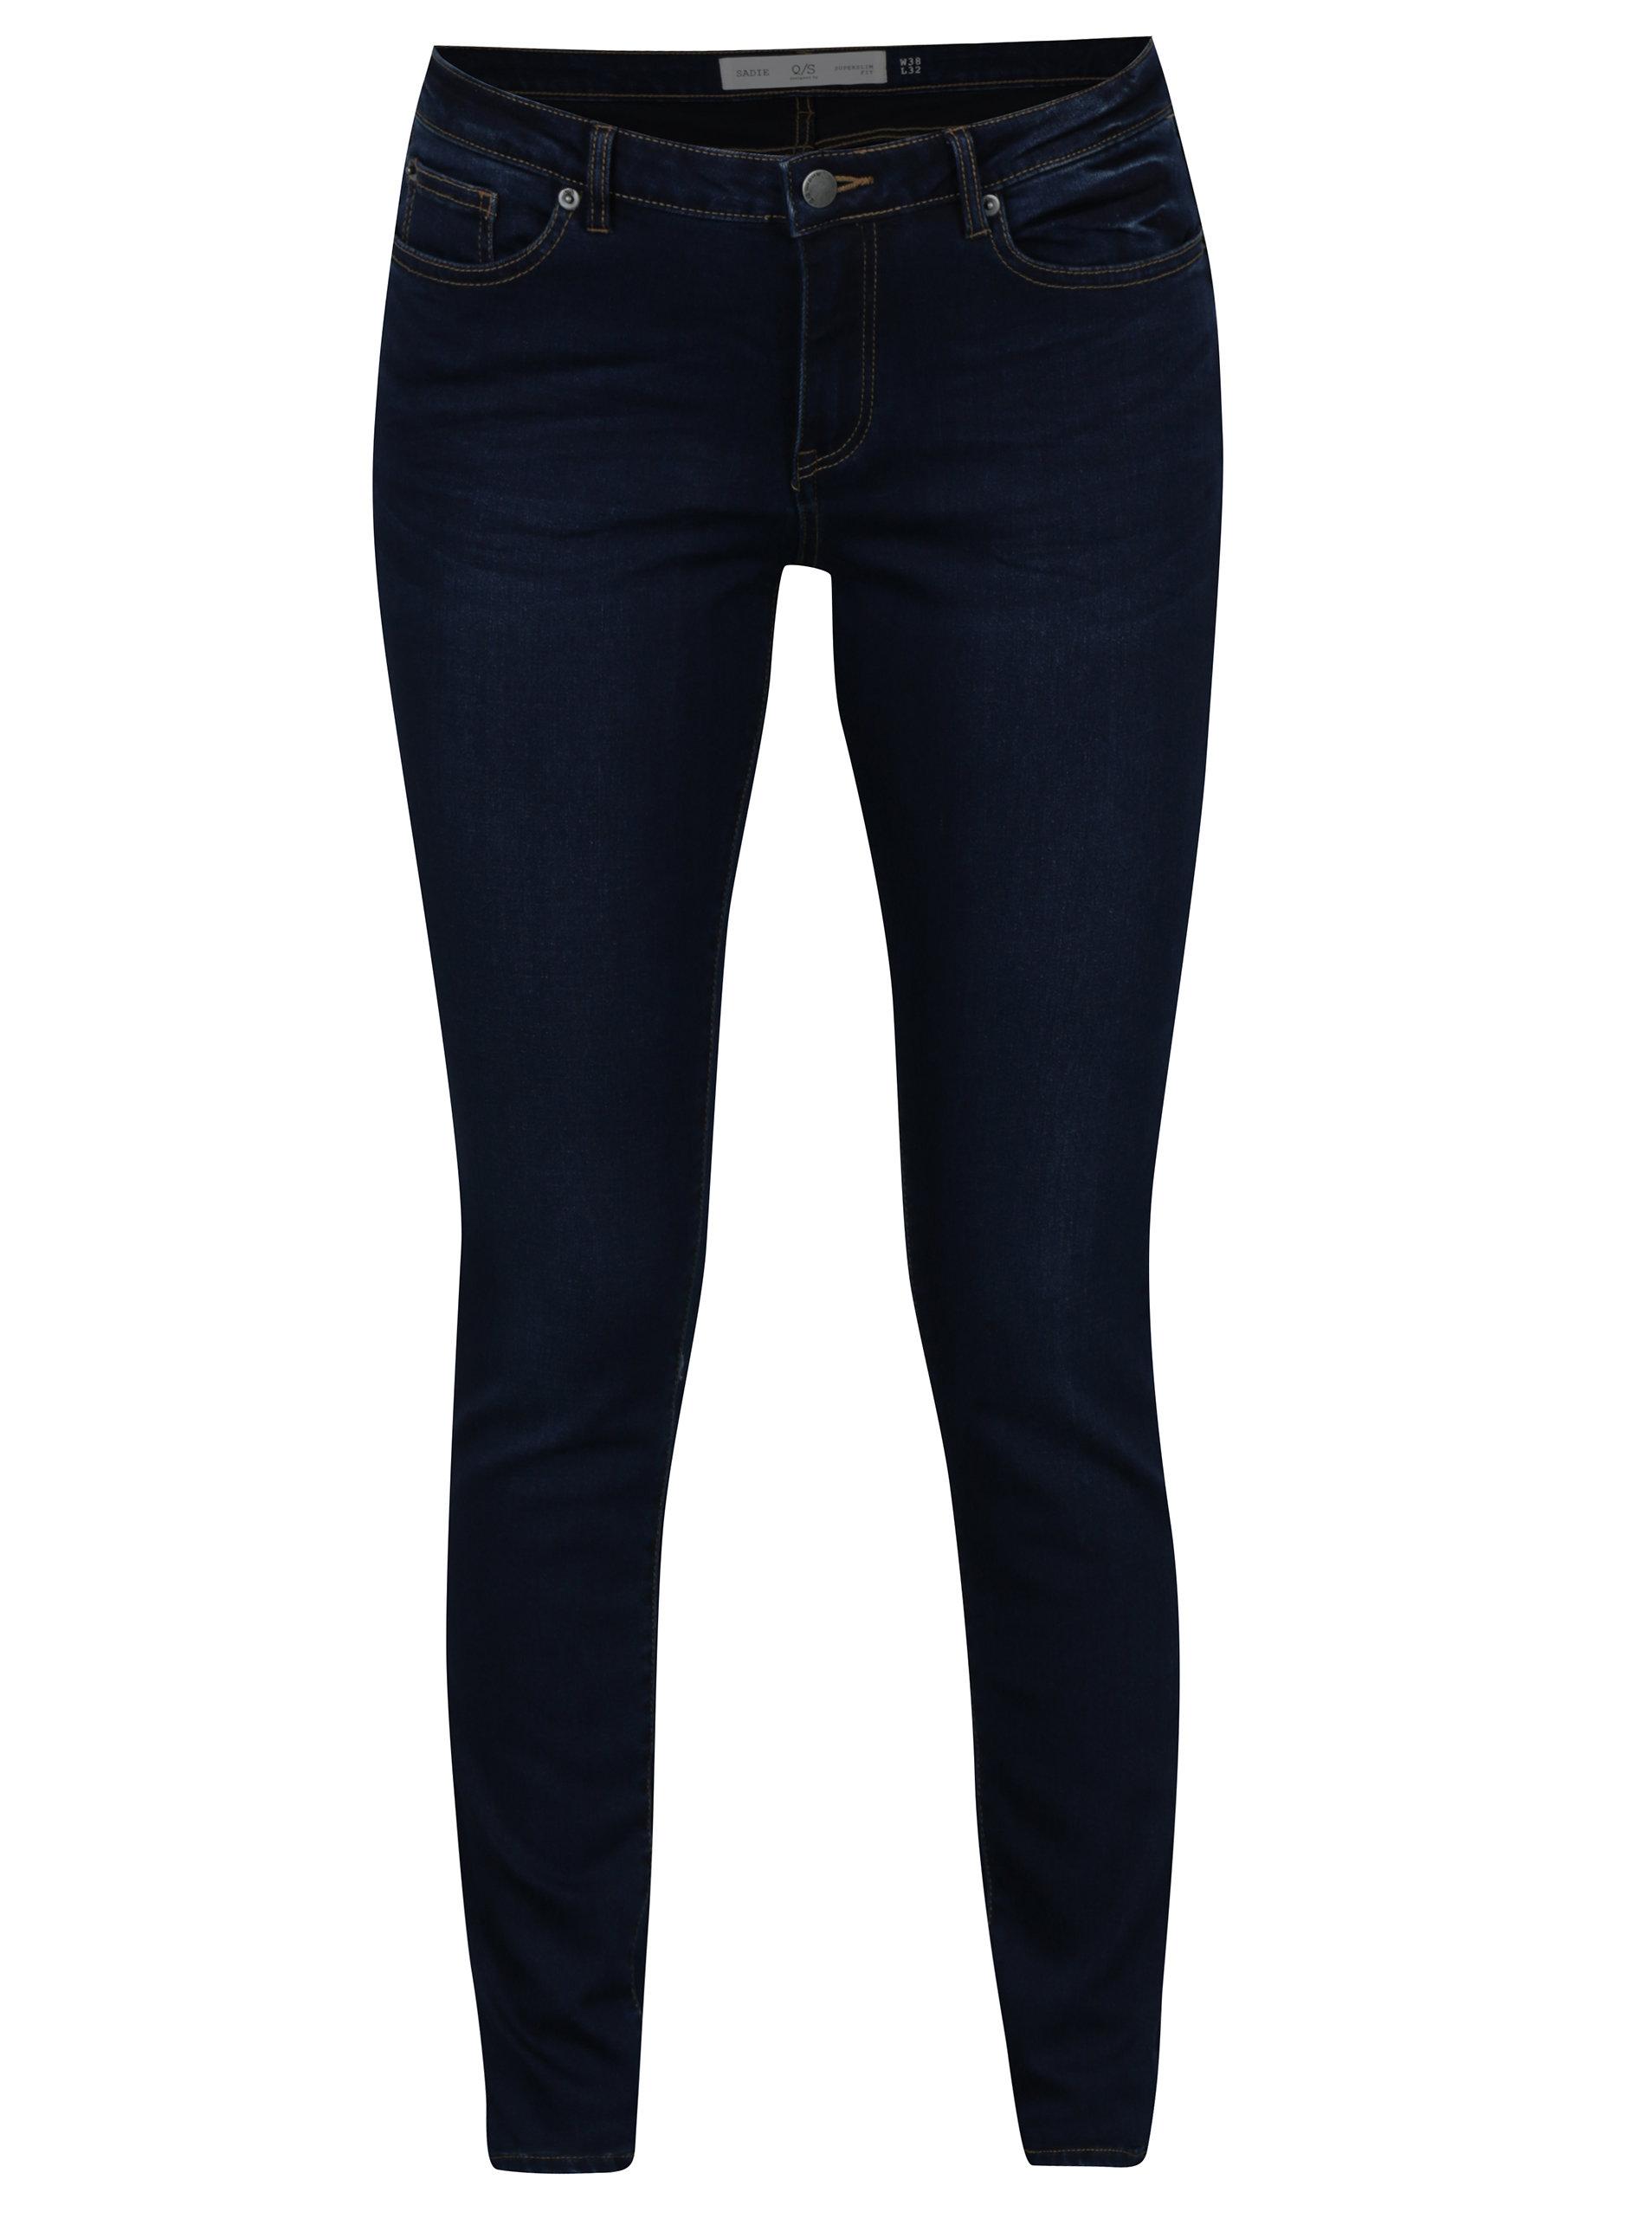 7a48998ef8c Tmavě modré dámské super slim džíny QS by s.Oliver